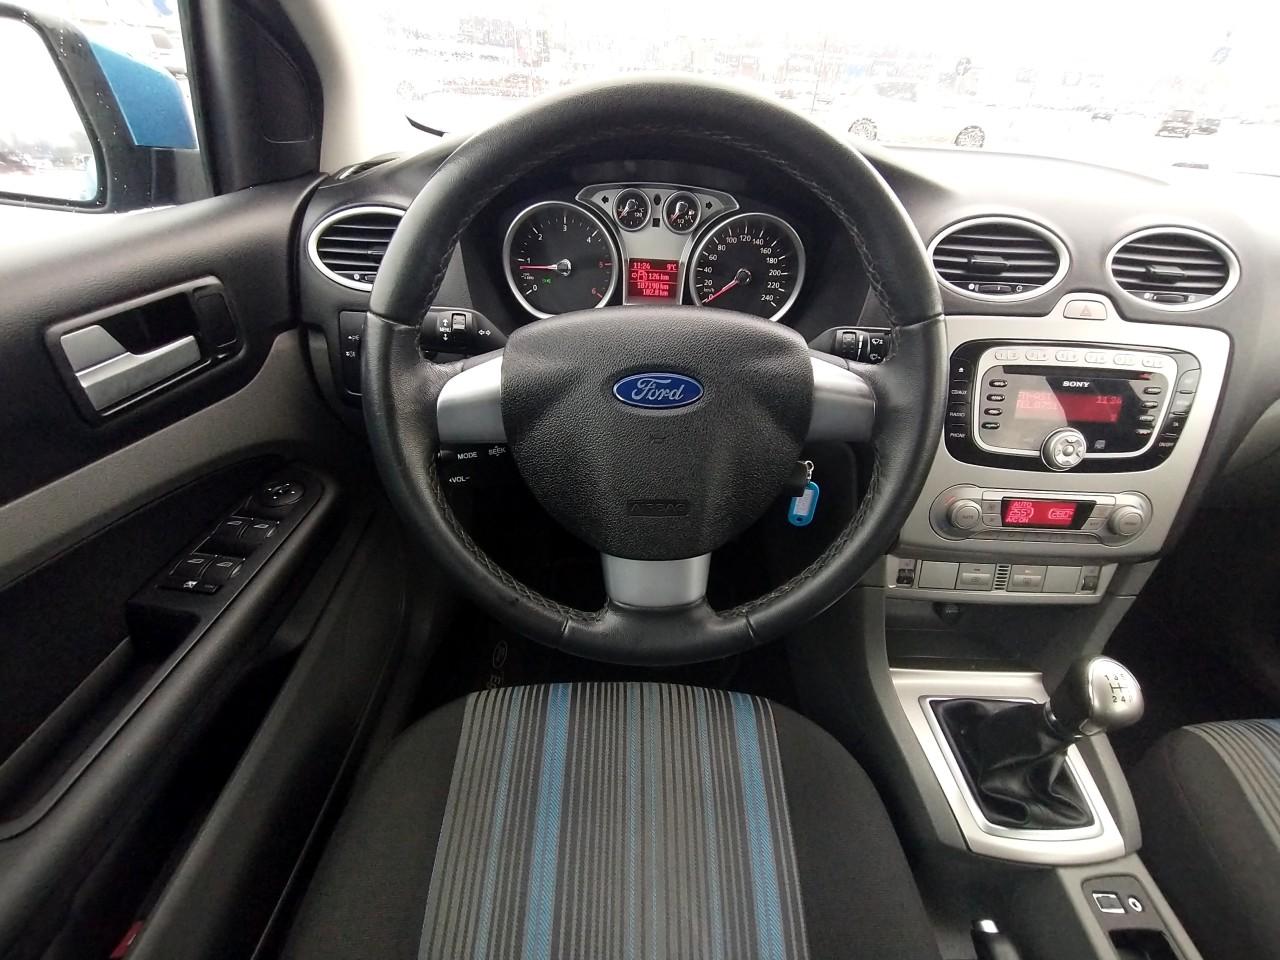 Ford Focus 1.6 Diesel Euro 5 Titanium 2009